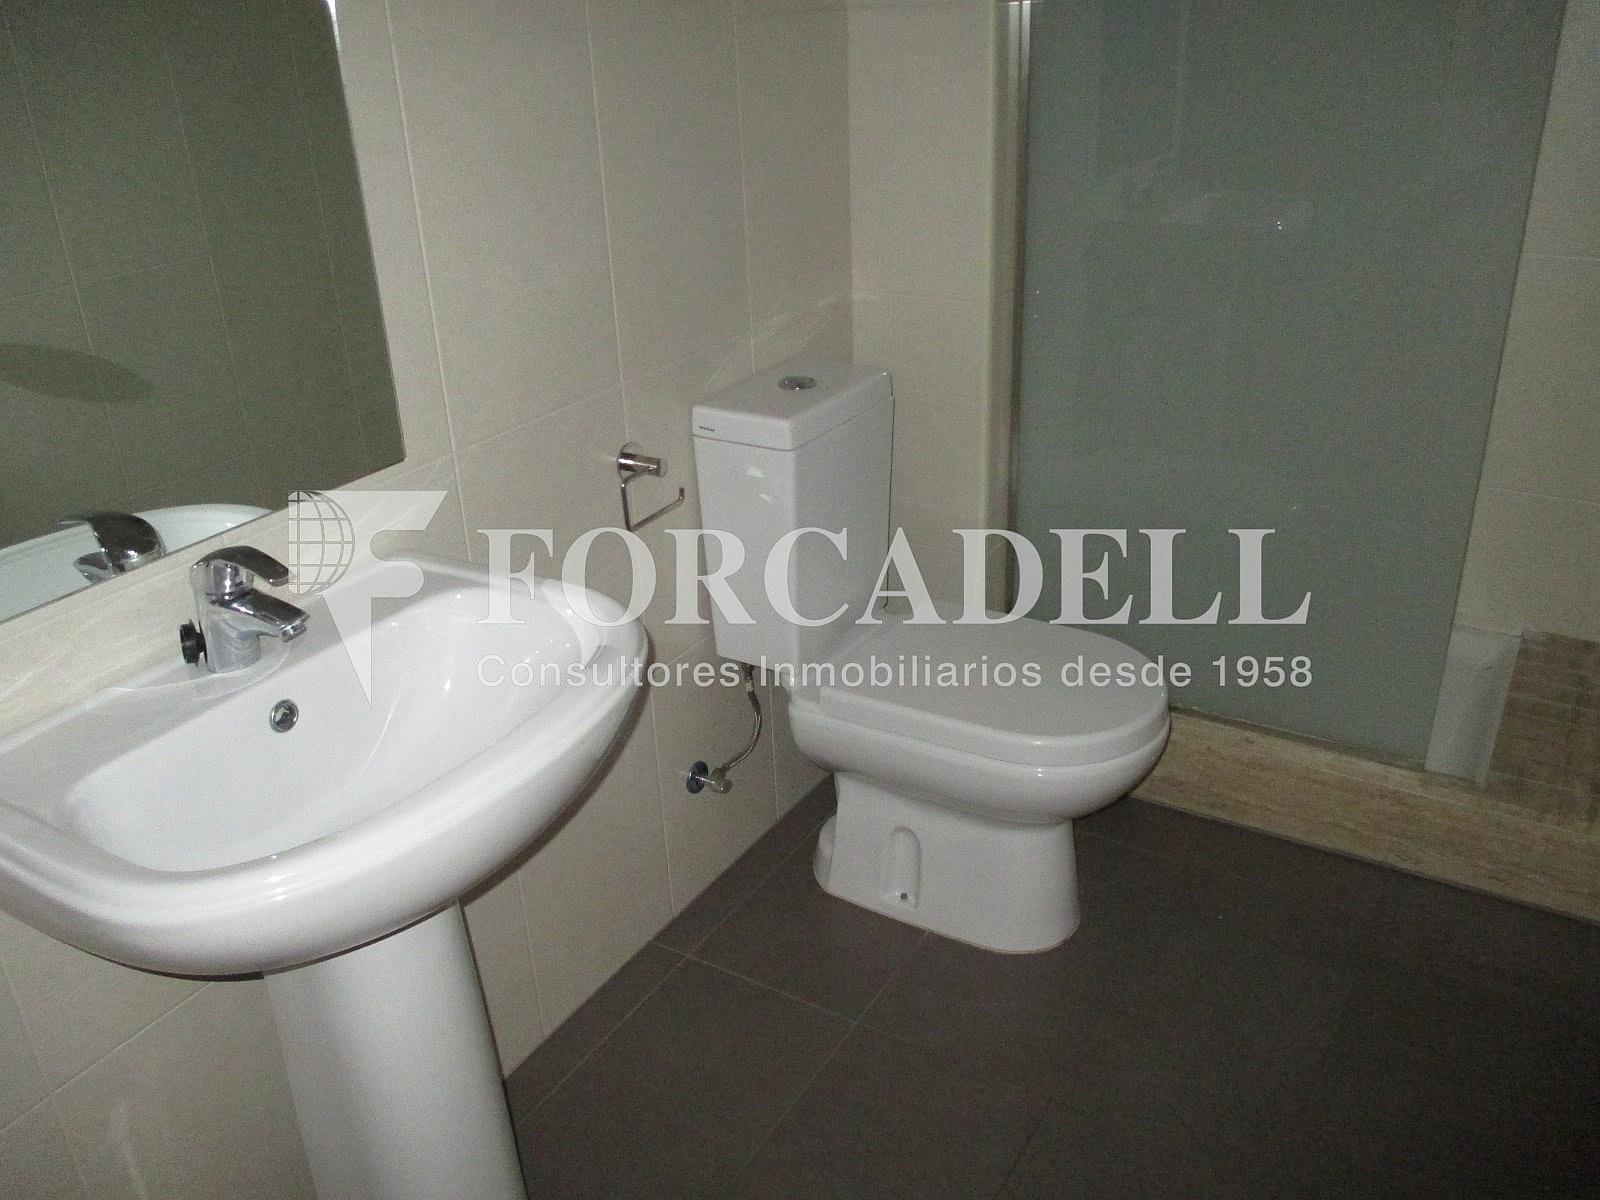 IMG_2666 - Piso en alquiler en calle Merce Rodoreda, Can clota en Esplugues de Llobregat - 331432038